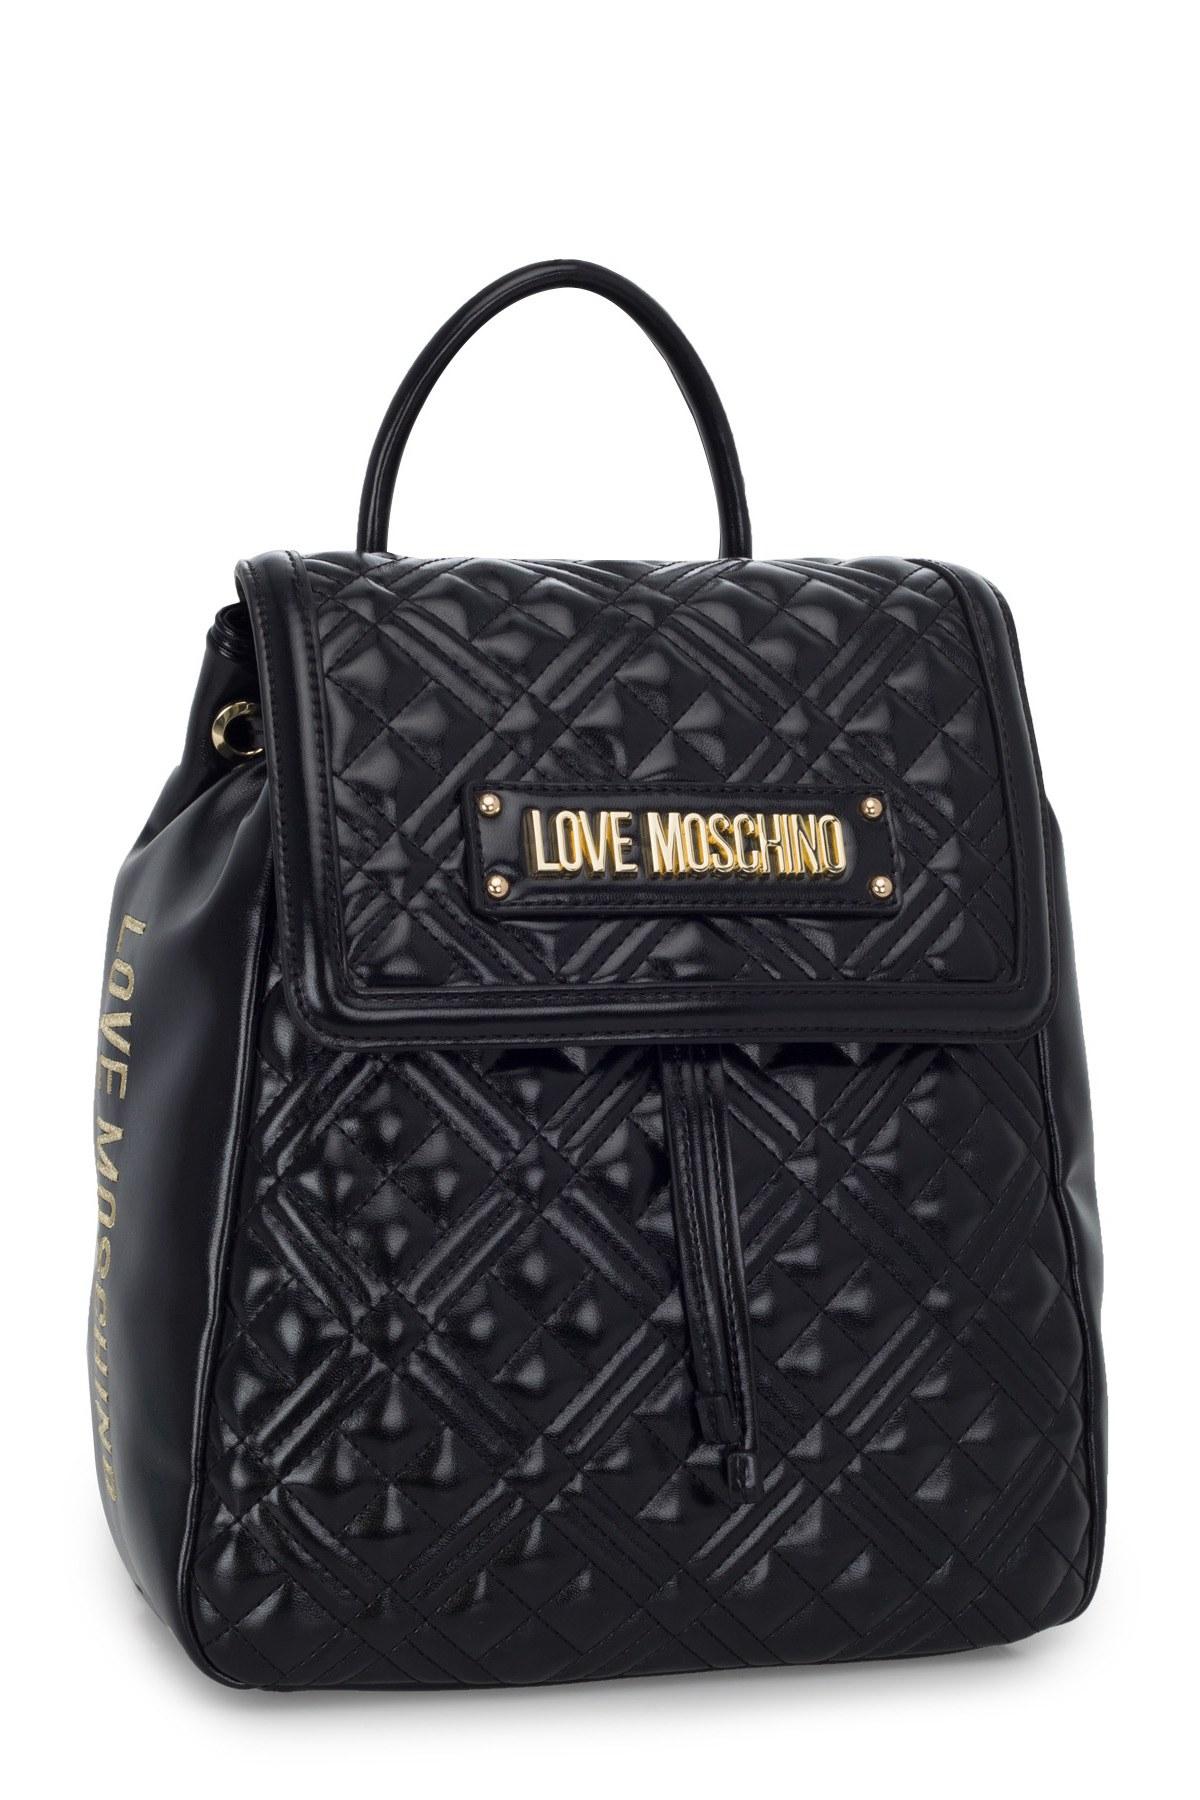 Love Moschino Logo Baskılı Ayarlanabilir Askılı Kadın Çanta JC4012PP1BLA0000 SİYAH